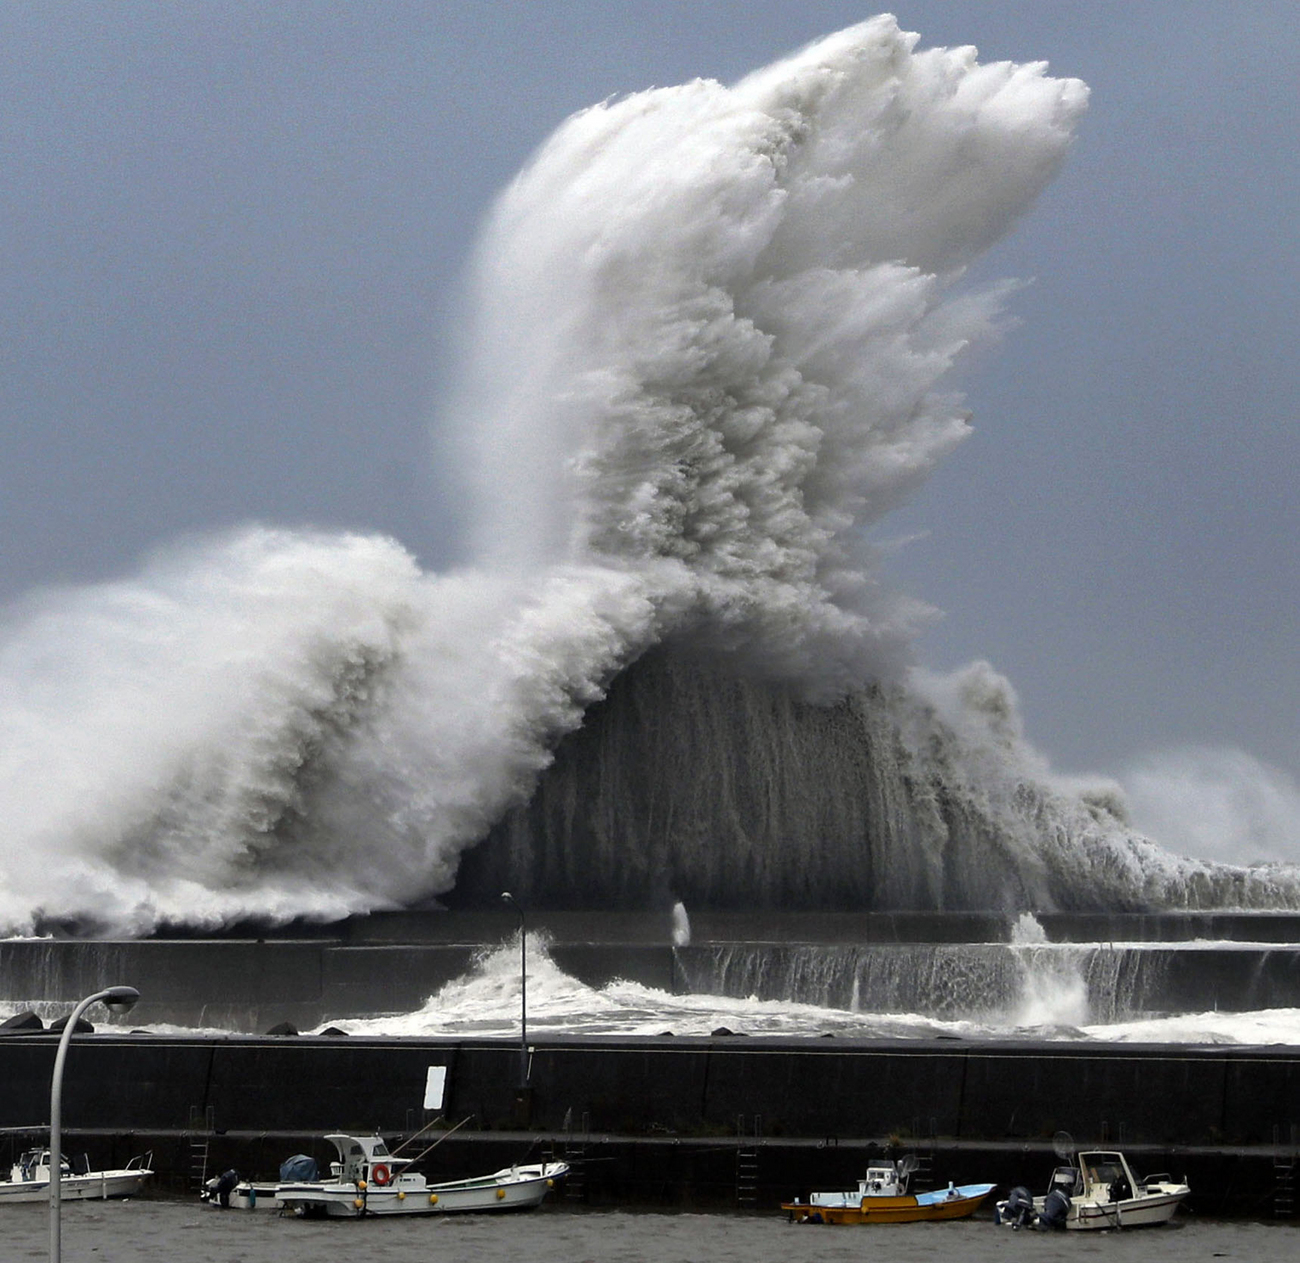 Une impressionnante vague frappe le port d'Aki dans la préfecture de Kochi ce 4 septembre 2018